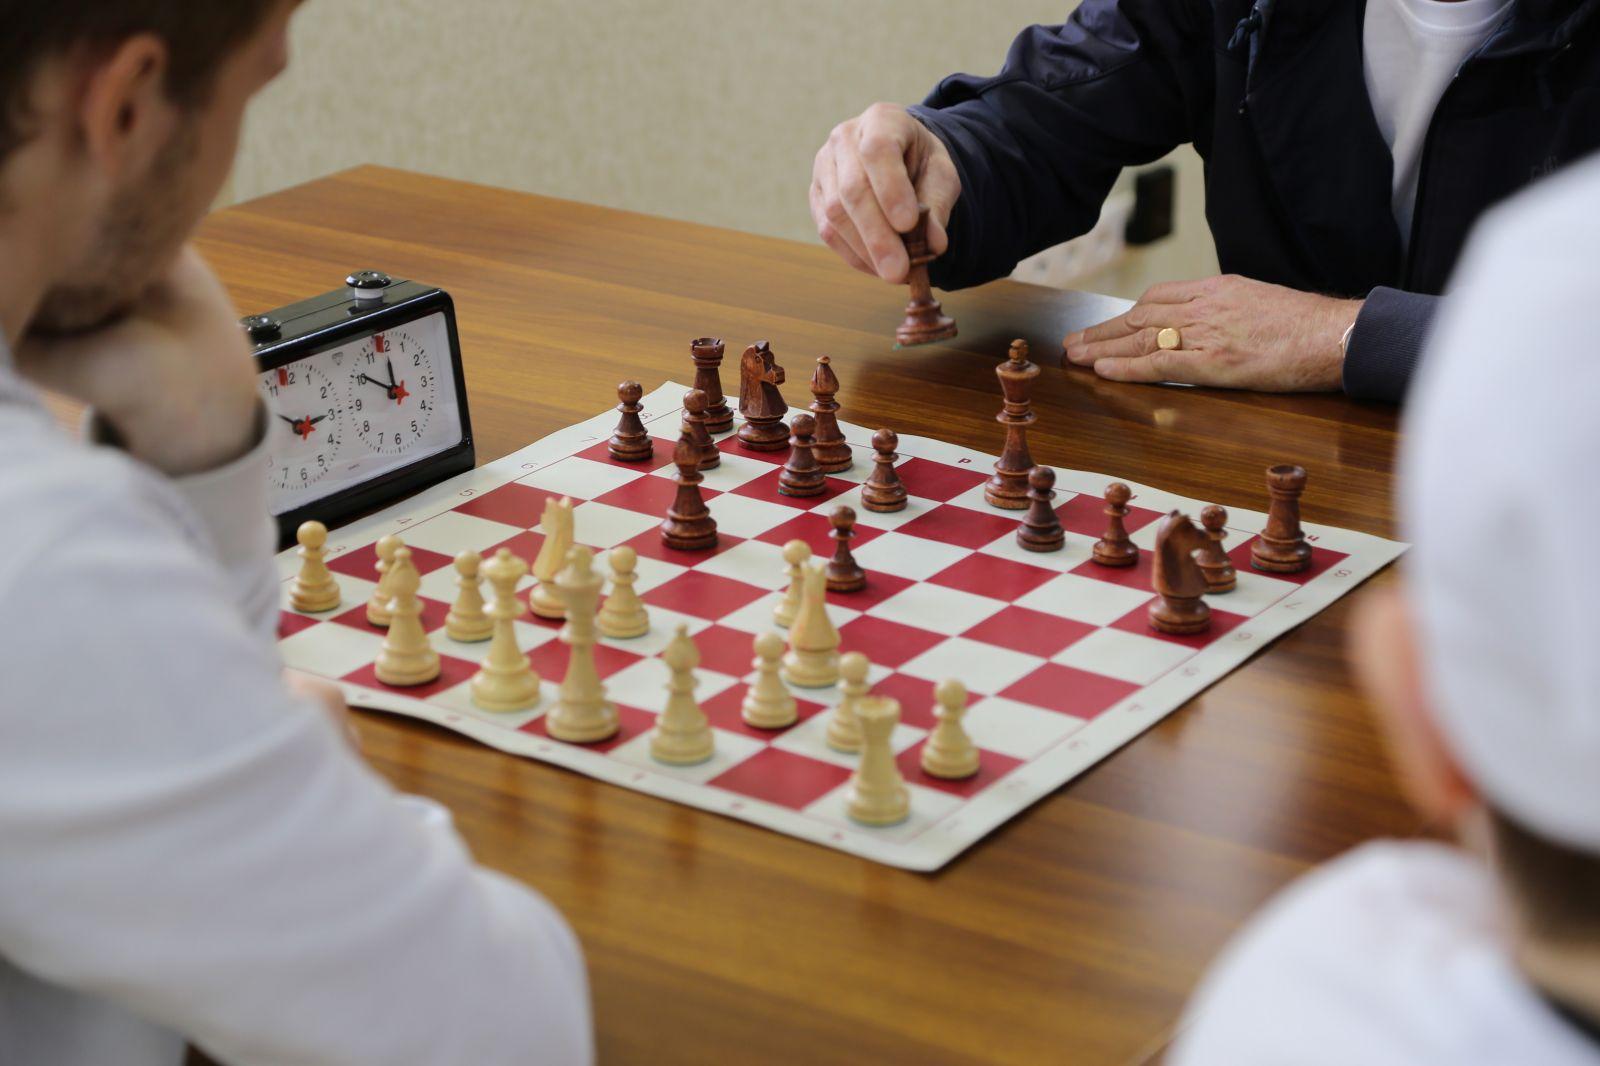 Около 80 спортсменов ведут борьбу за медали чемпионата России по шашкам и шахматам спорта лиц с ПОДА в Барнауле